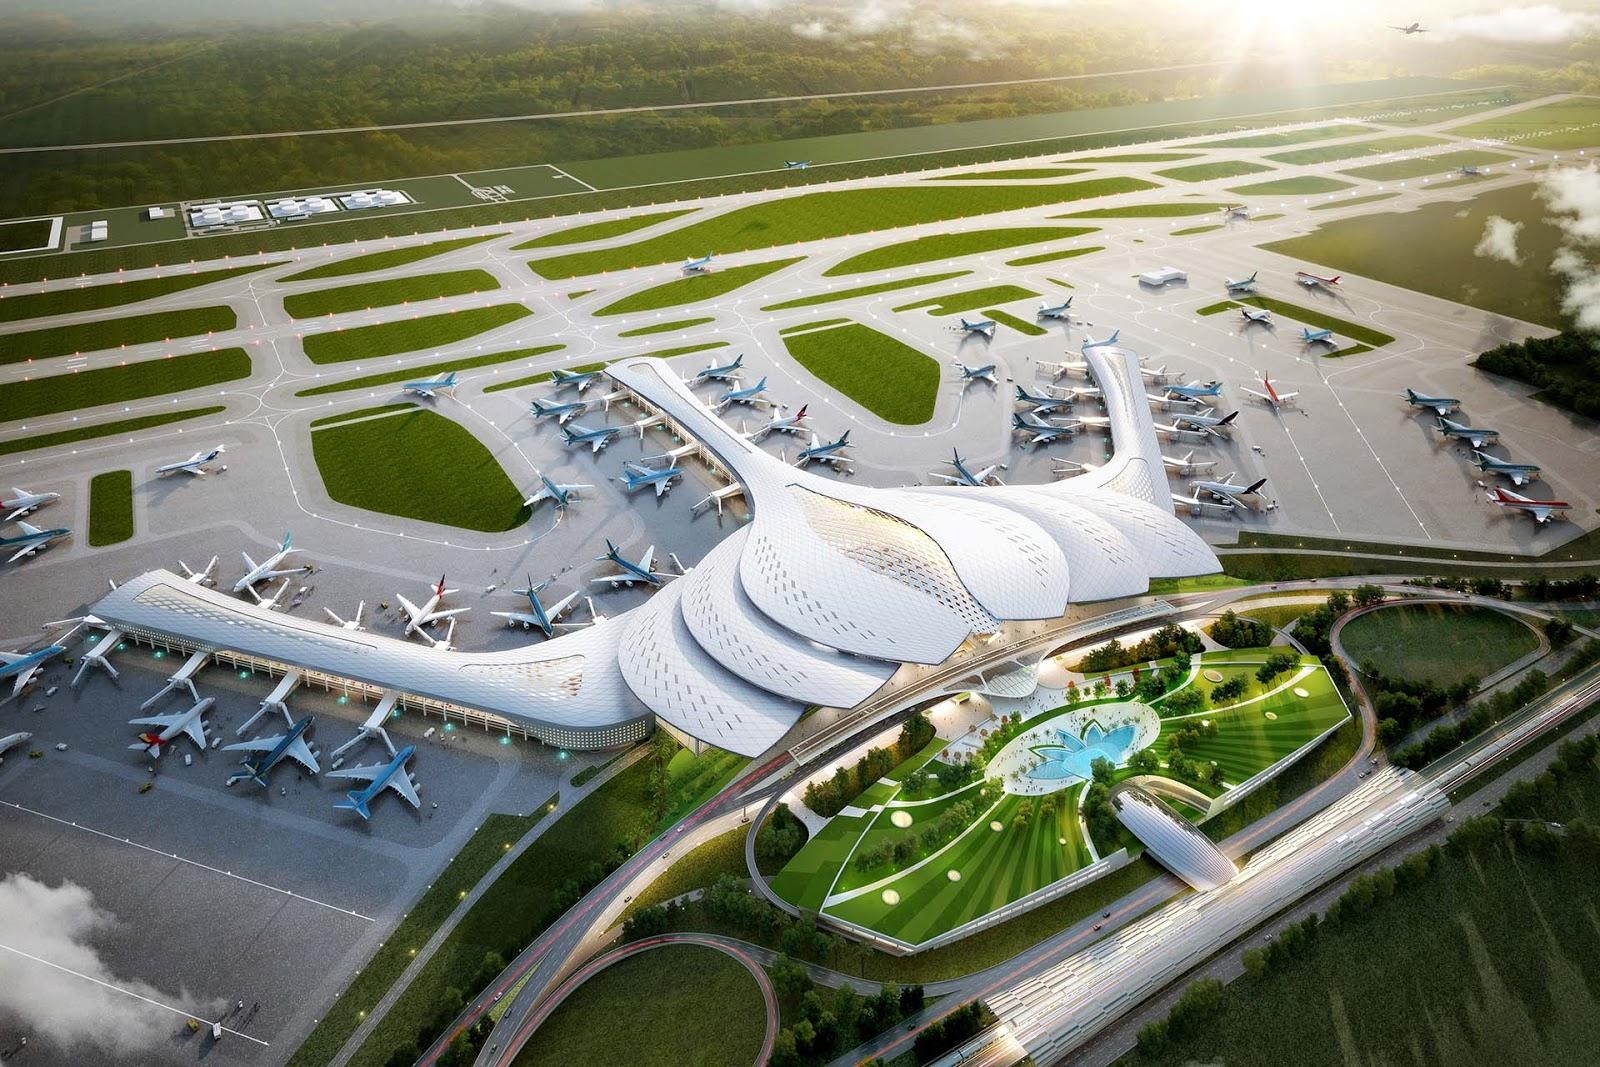 Phối cảnh tuyệt đẹp của dự án sân bay Quốc tế Long Thành, Long Thành (Đồng Nai)